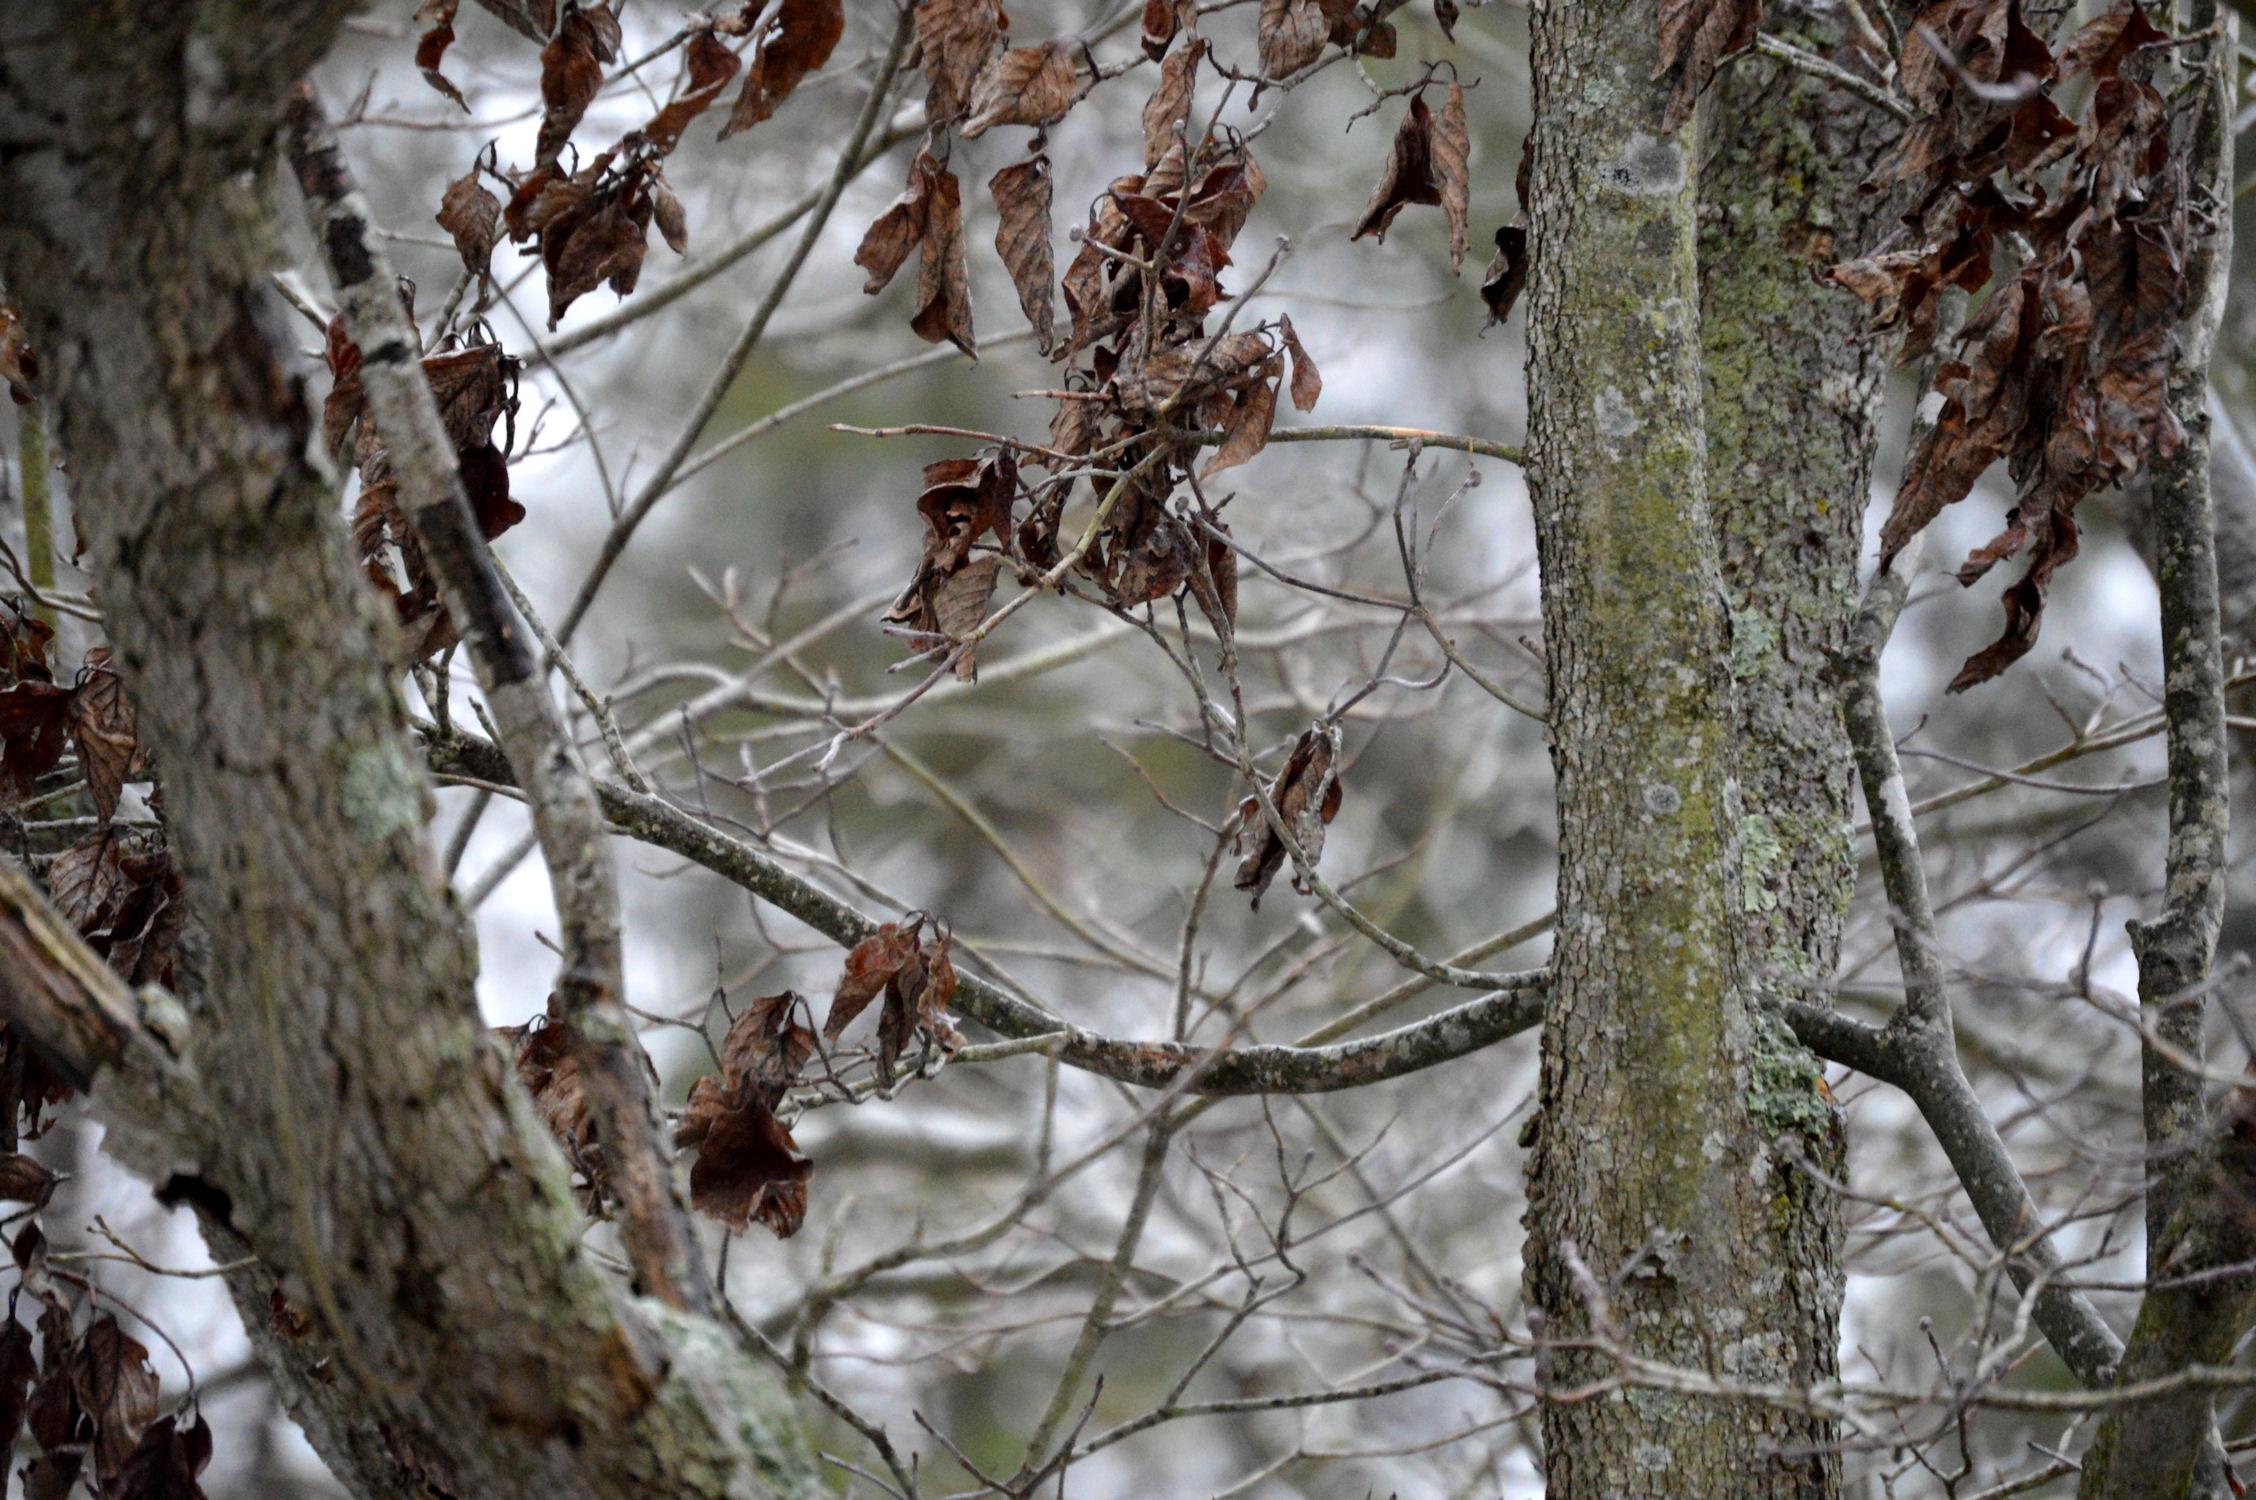 Dead leaves on a tree